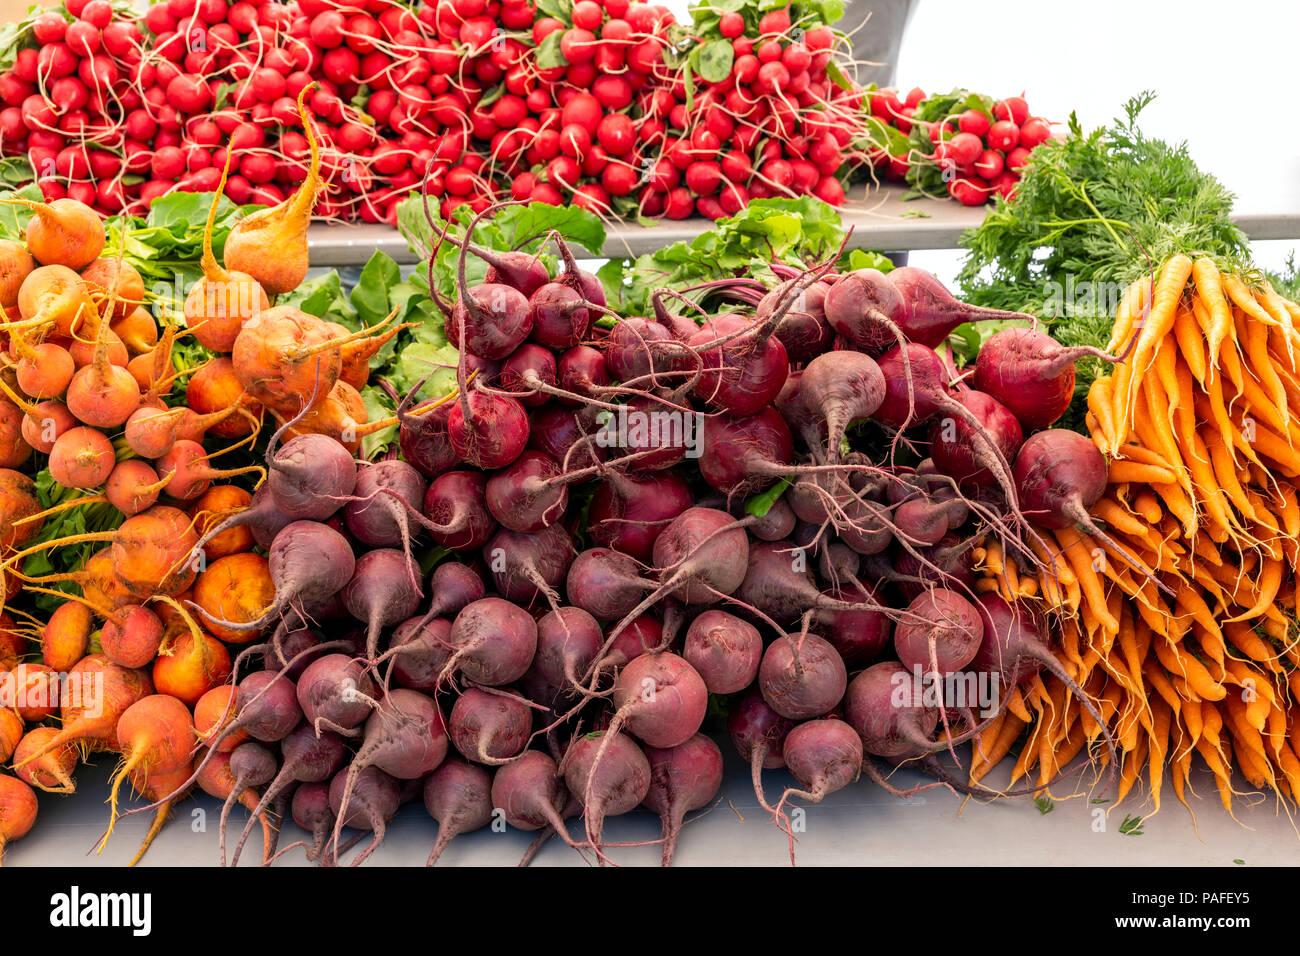 Proveedores venden verdura fresca, producir y otros elementos en un mercado de granjeros estacionales en la pequeña ciudad de montaña de Salida, Colorado, EE.UU. Imagen De Stock